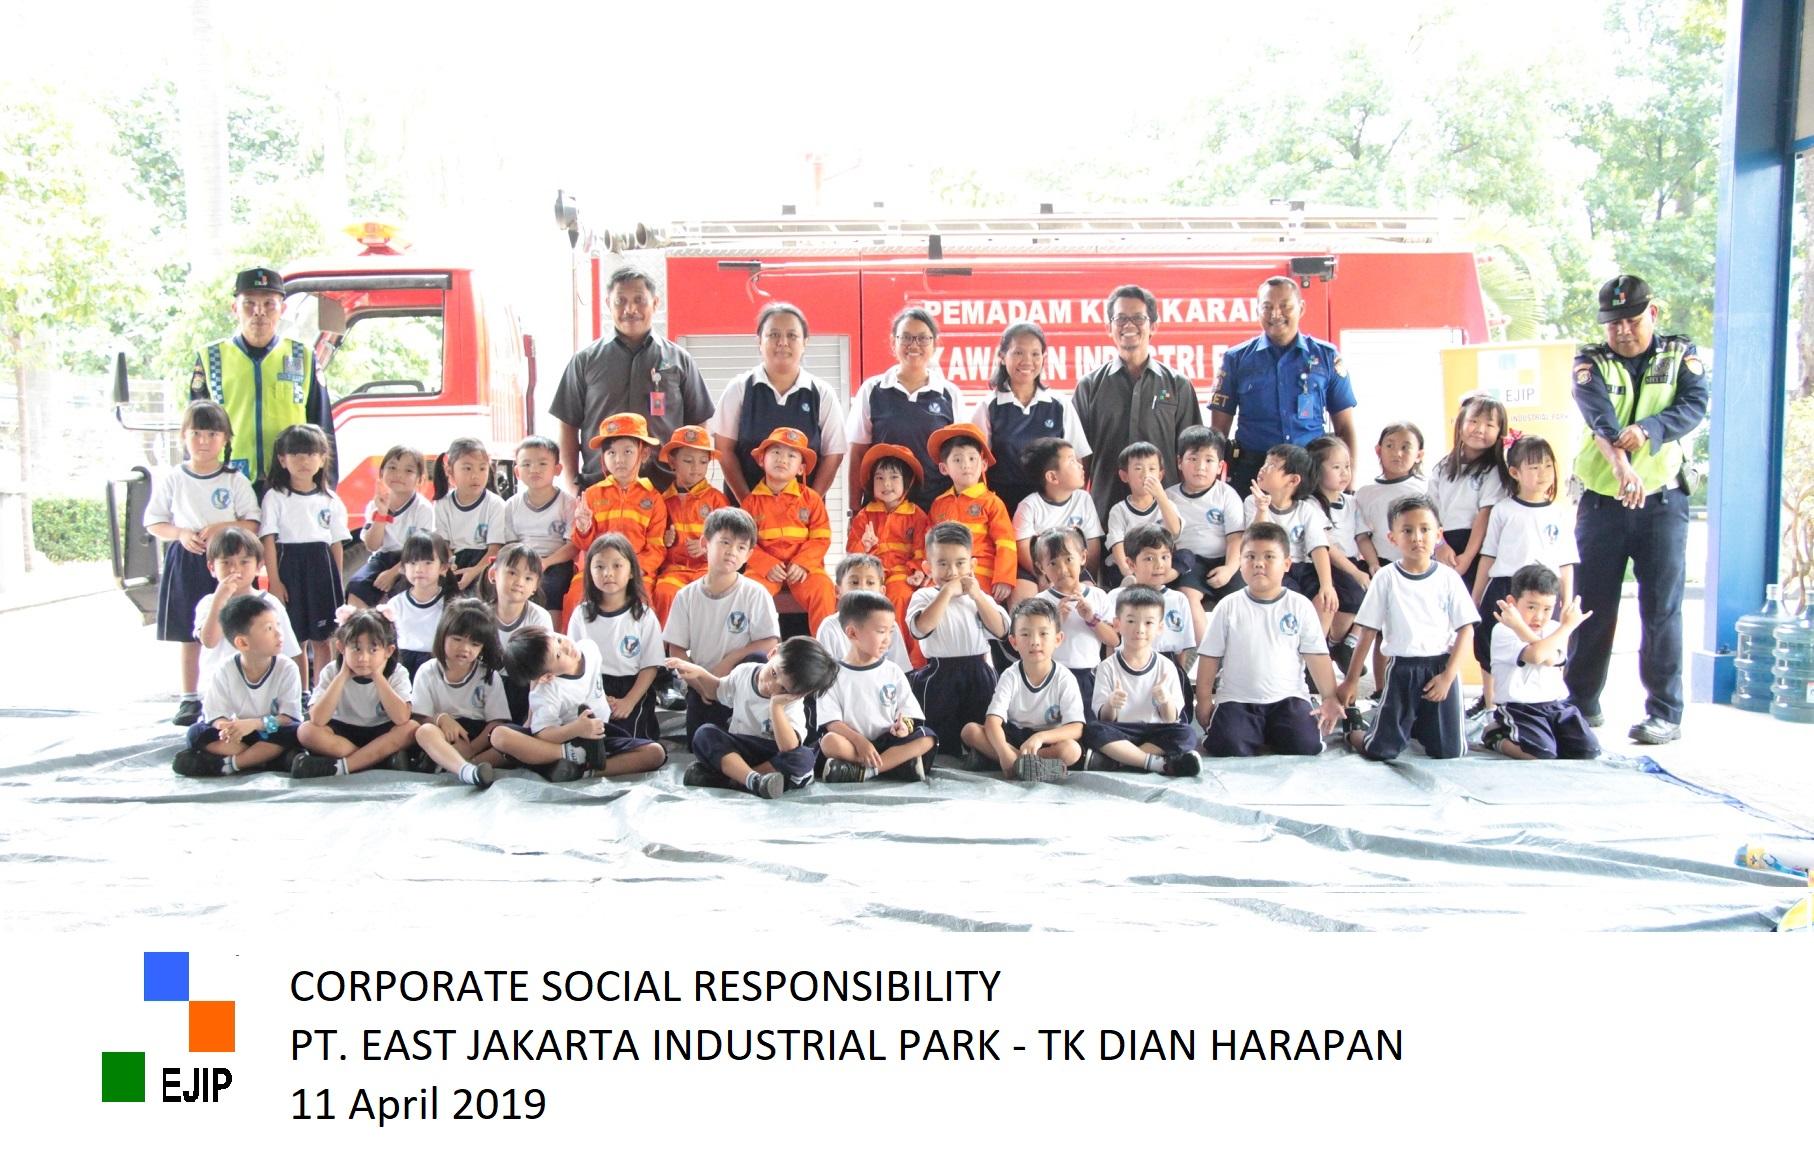 [CSR-Education] Dian Harapan Kindergarten Students Learn Fire Safety